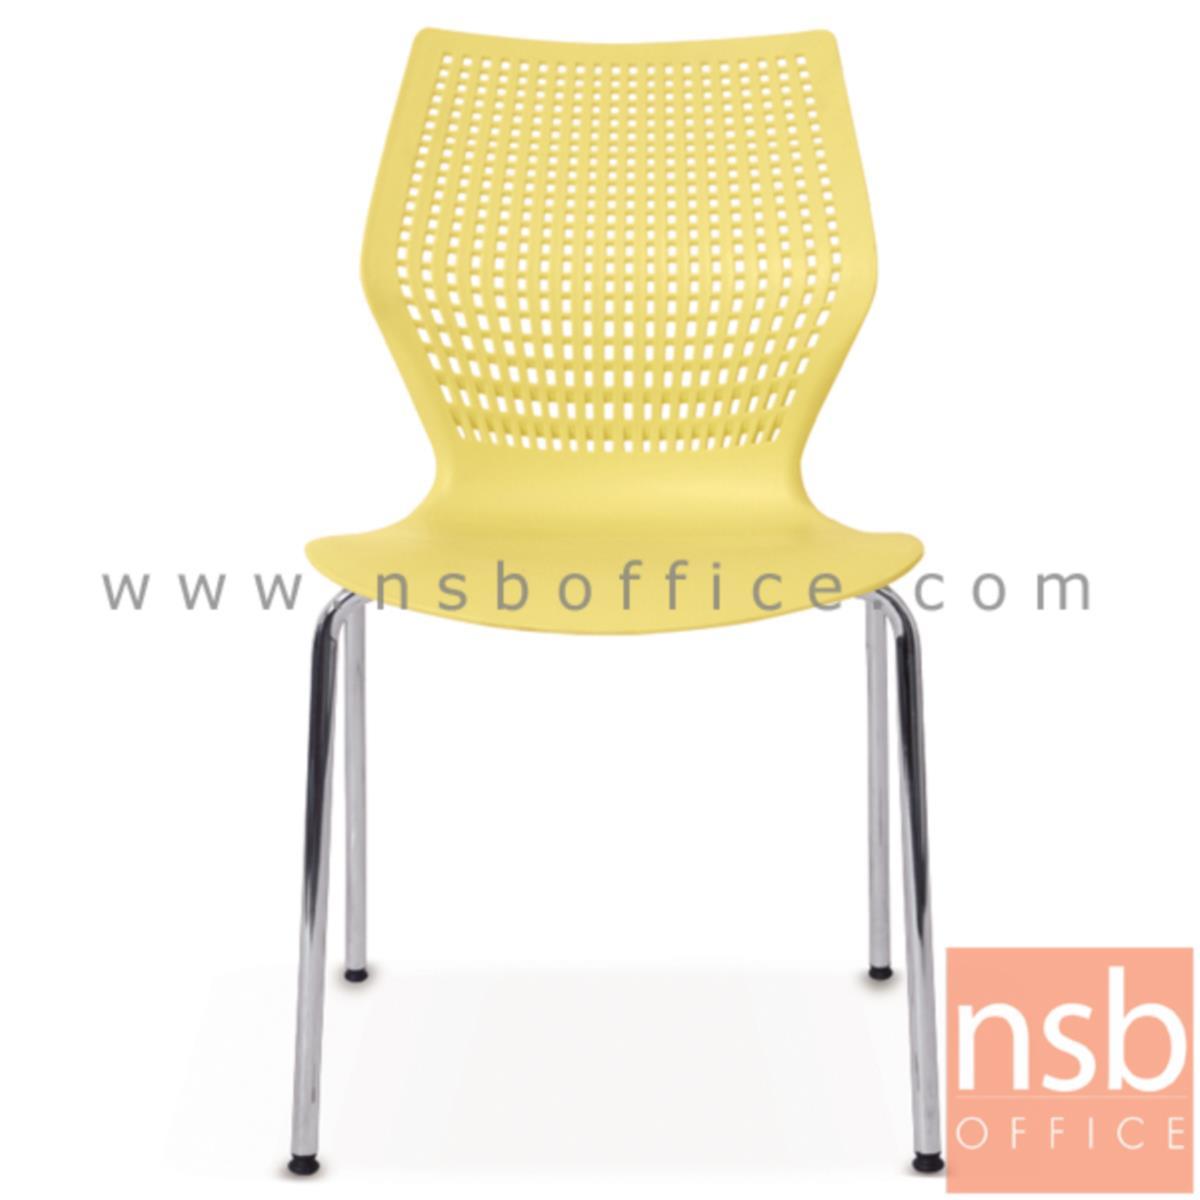 เก้าอี้อเนกประสงค์เฟรมโพลี่ รุ่น YT-02LVL  ขาเหล็กชุบโครเมี่ยม